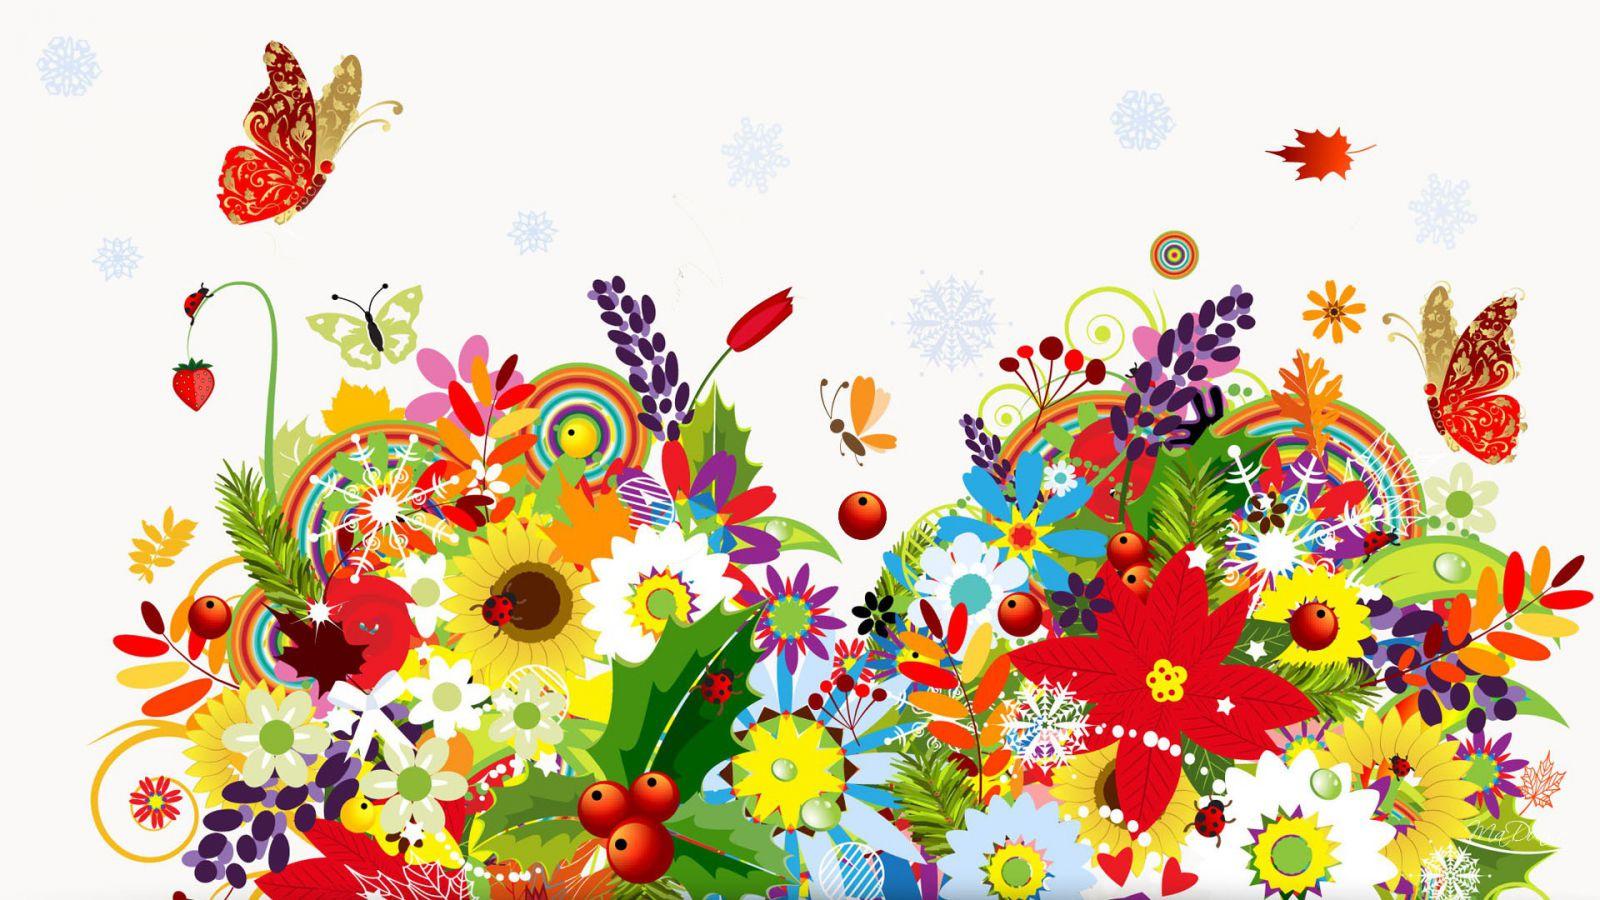 Artigo primavera tempo de sorrir e celebrar - Fondos de escritorio verano ...